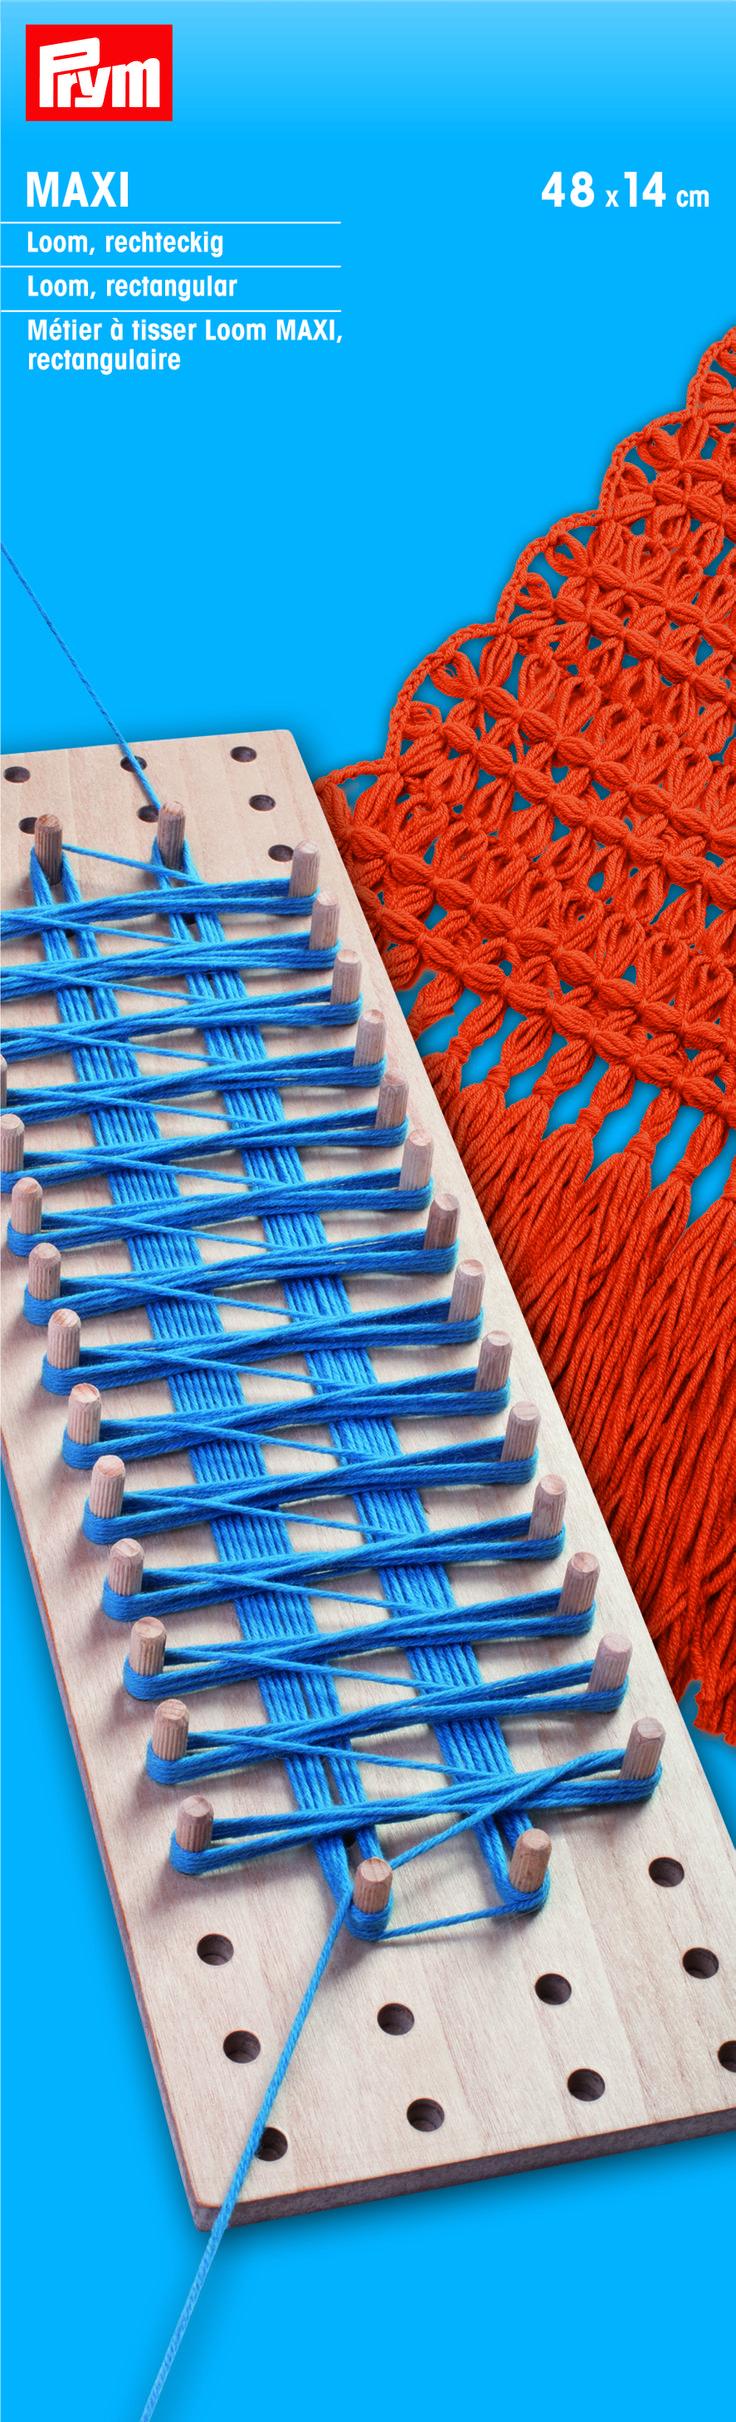 Loom - rectangle, for more languages click here: http://www.prym-consumer.com/prym/proc/docs/0H0H004e2.html?nav=0H0H007iz